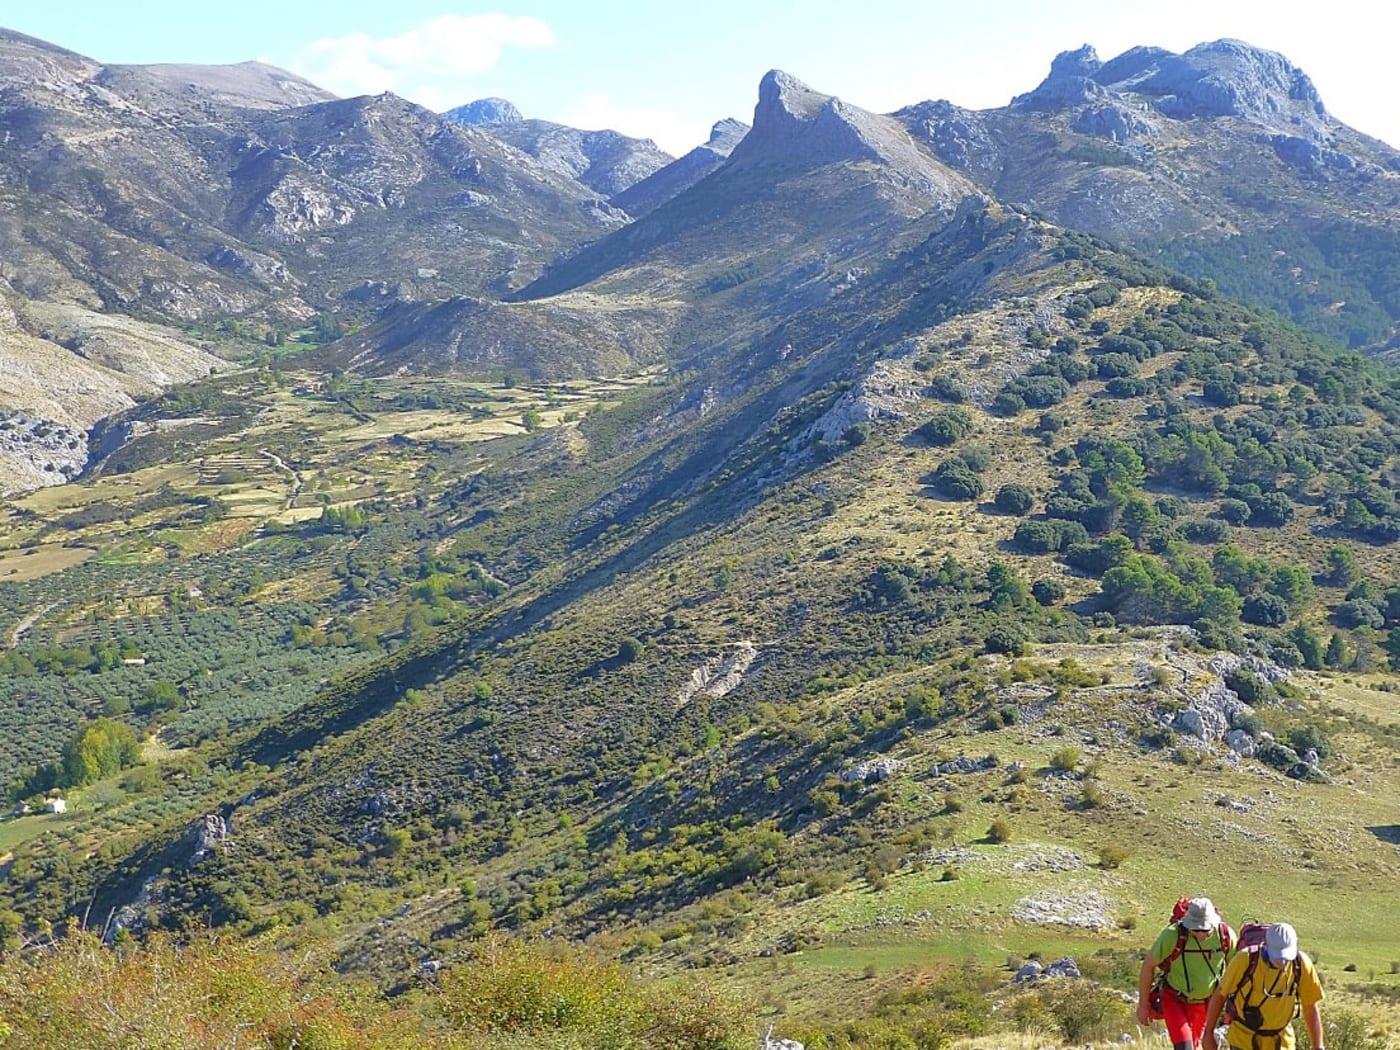 Climbing up to the Peñon de la Mata, Sierra de Huetor